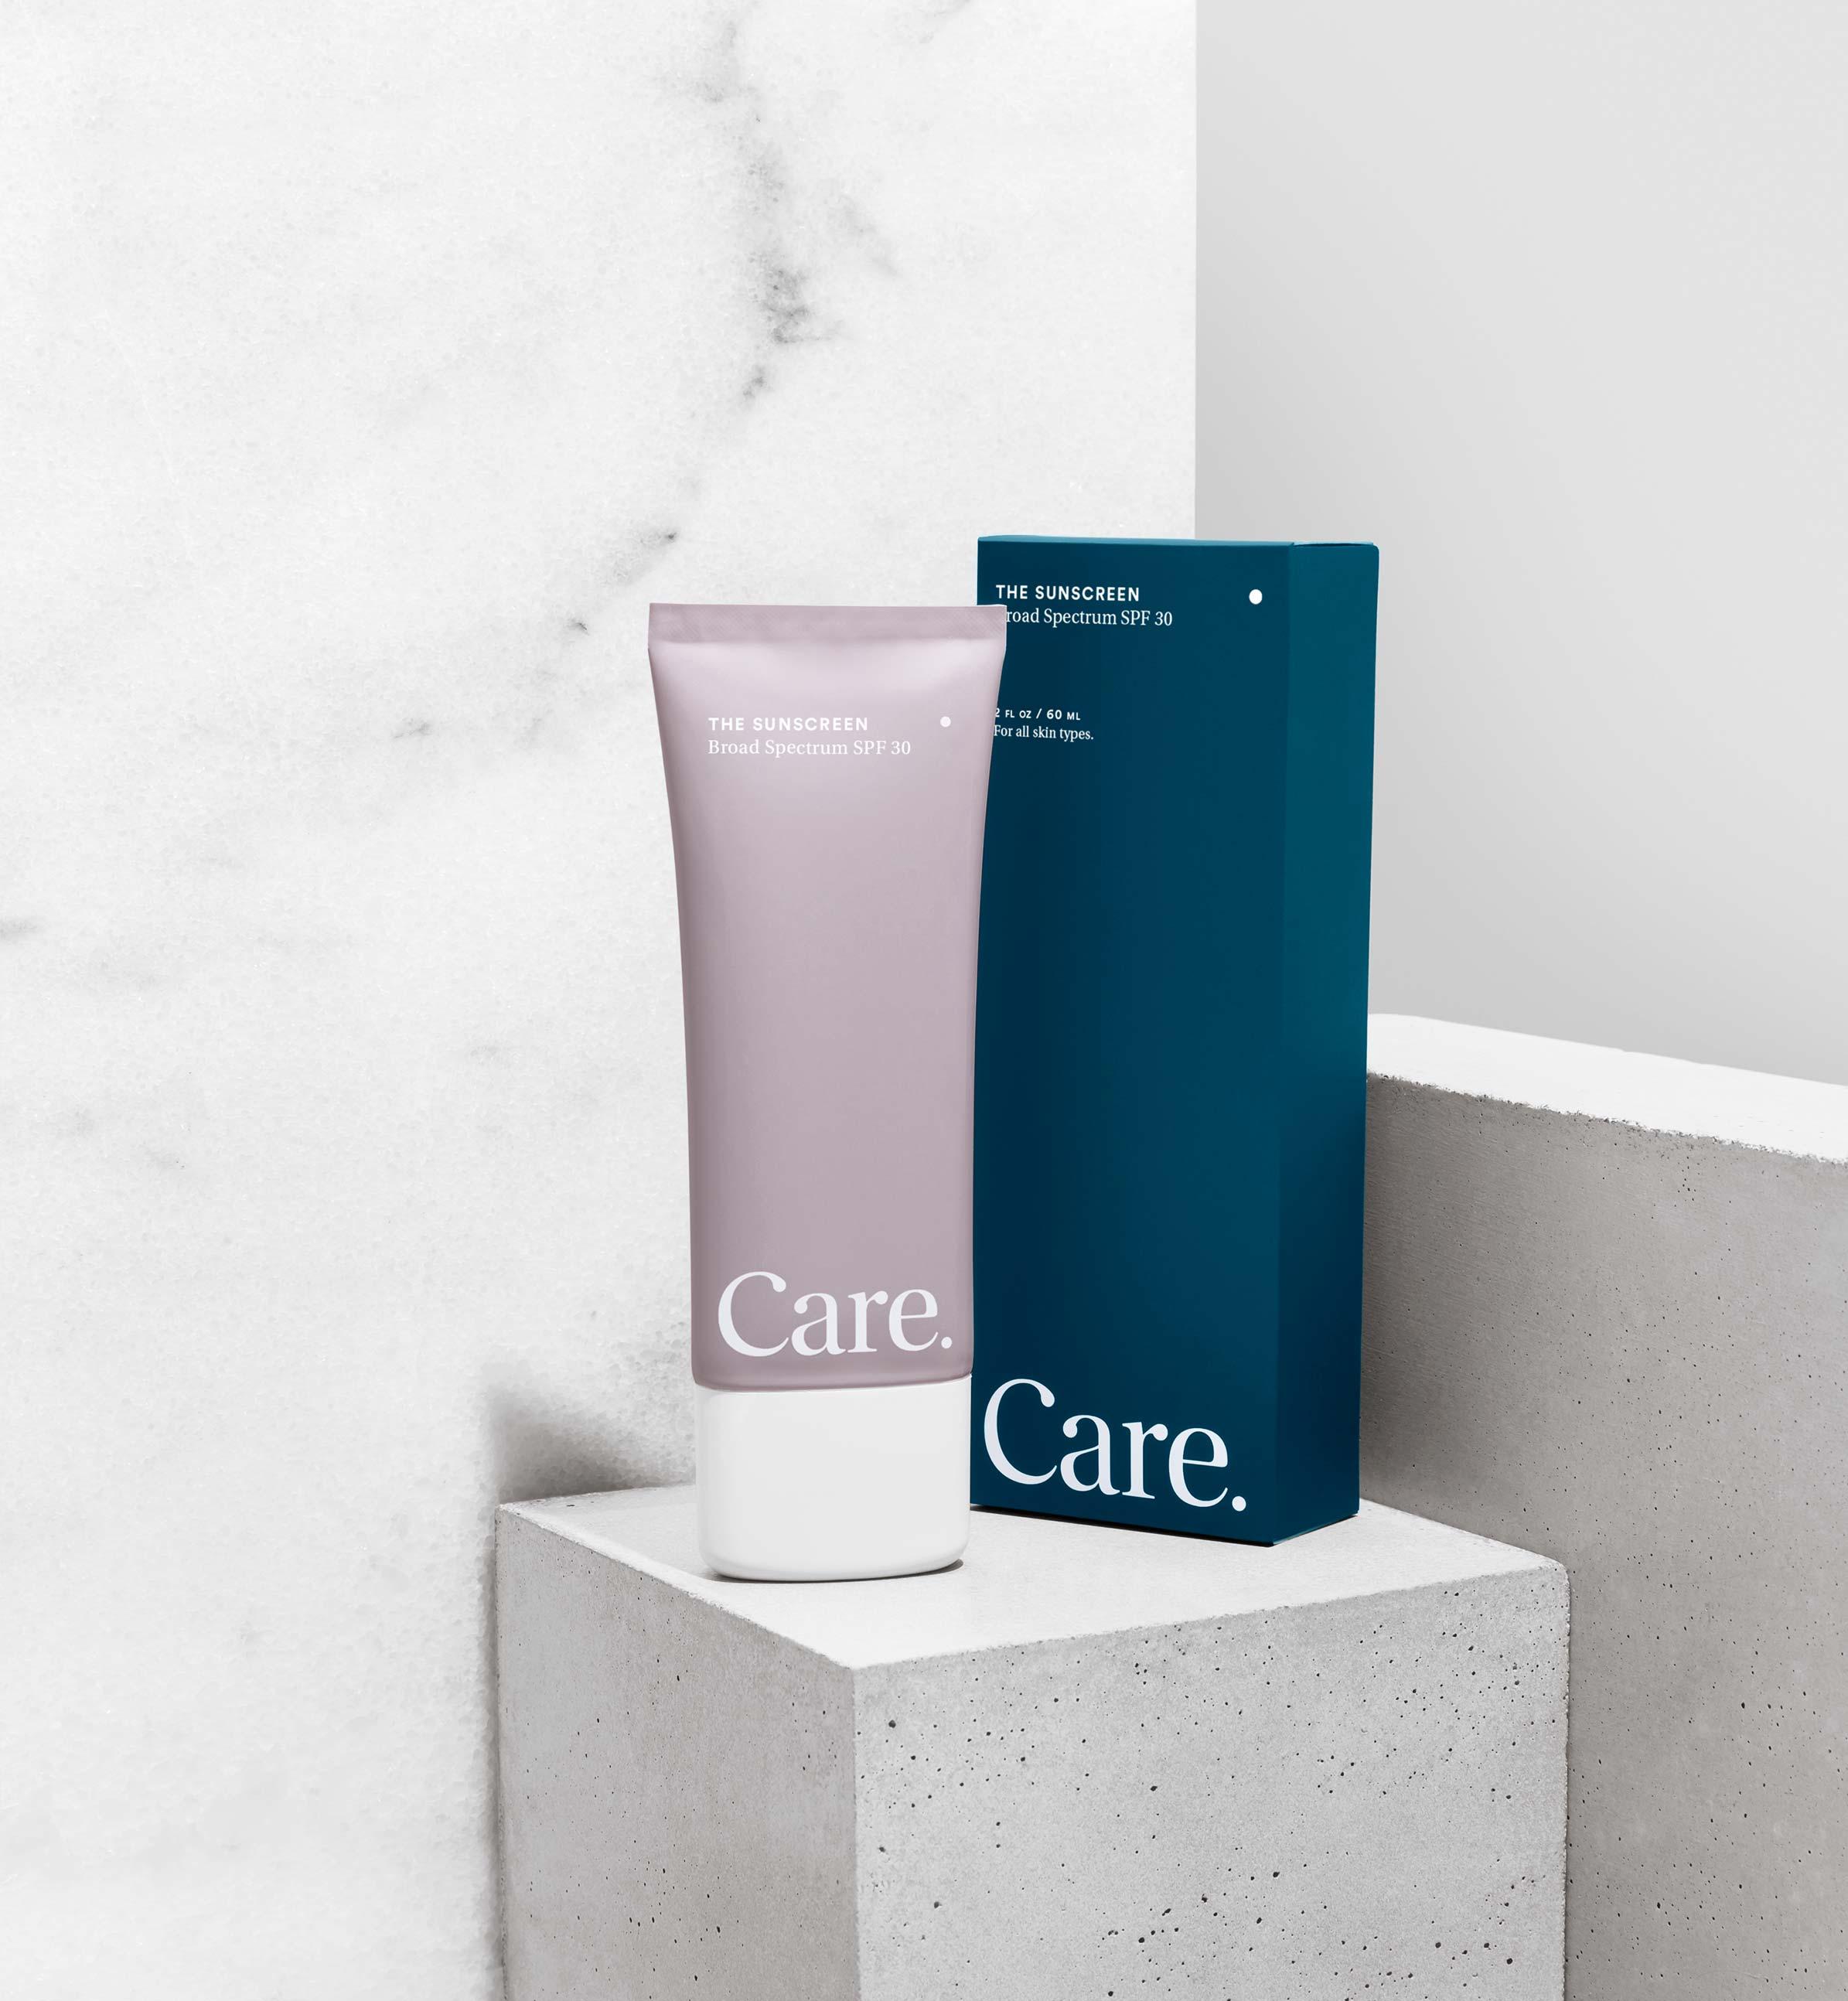 Care-Editorial-3